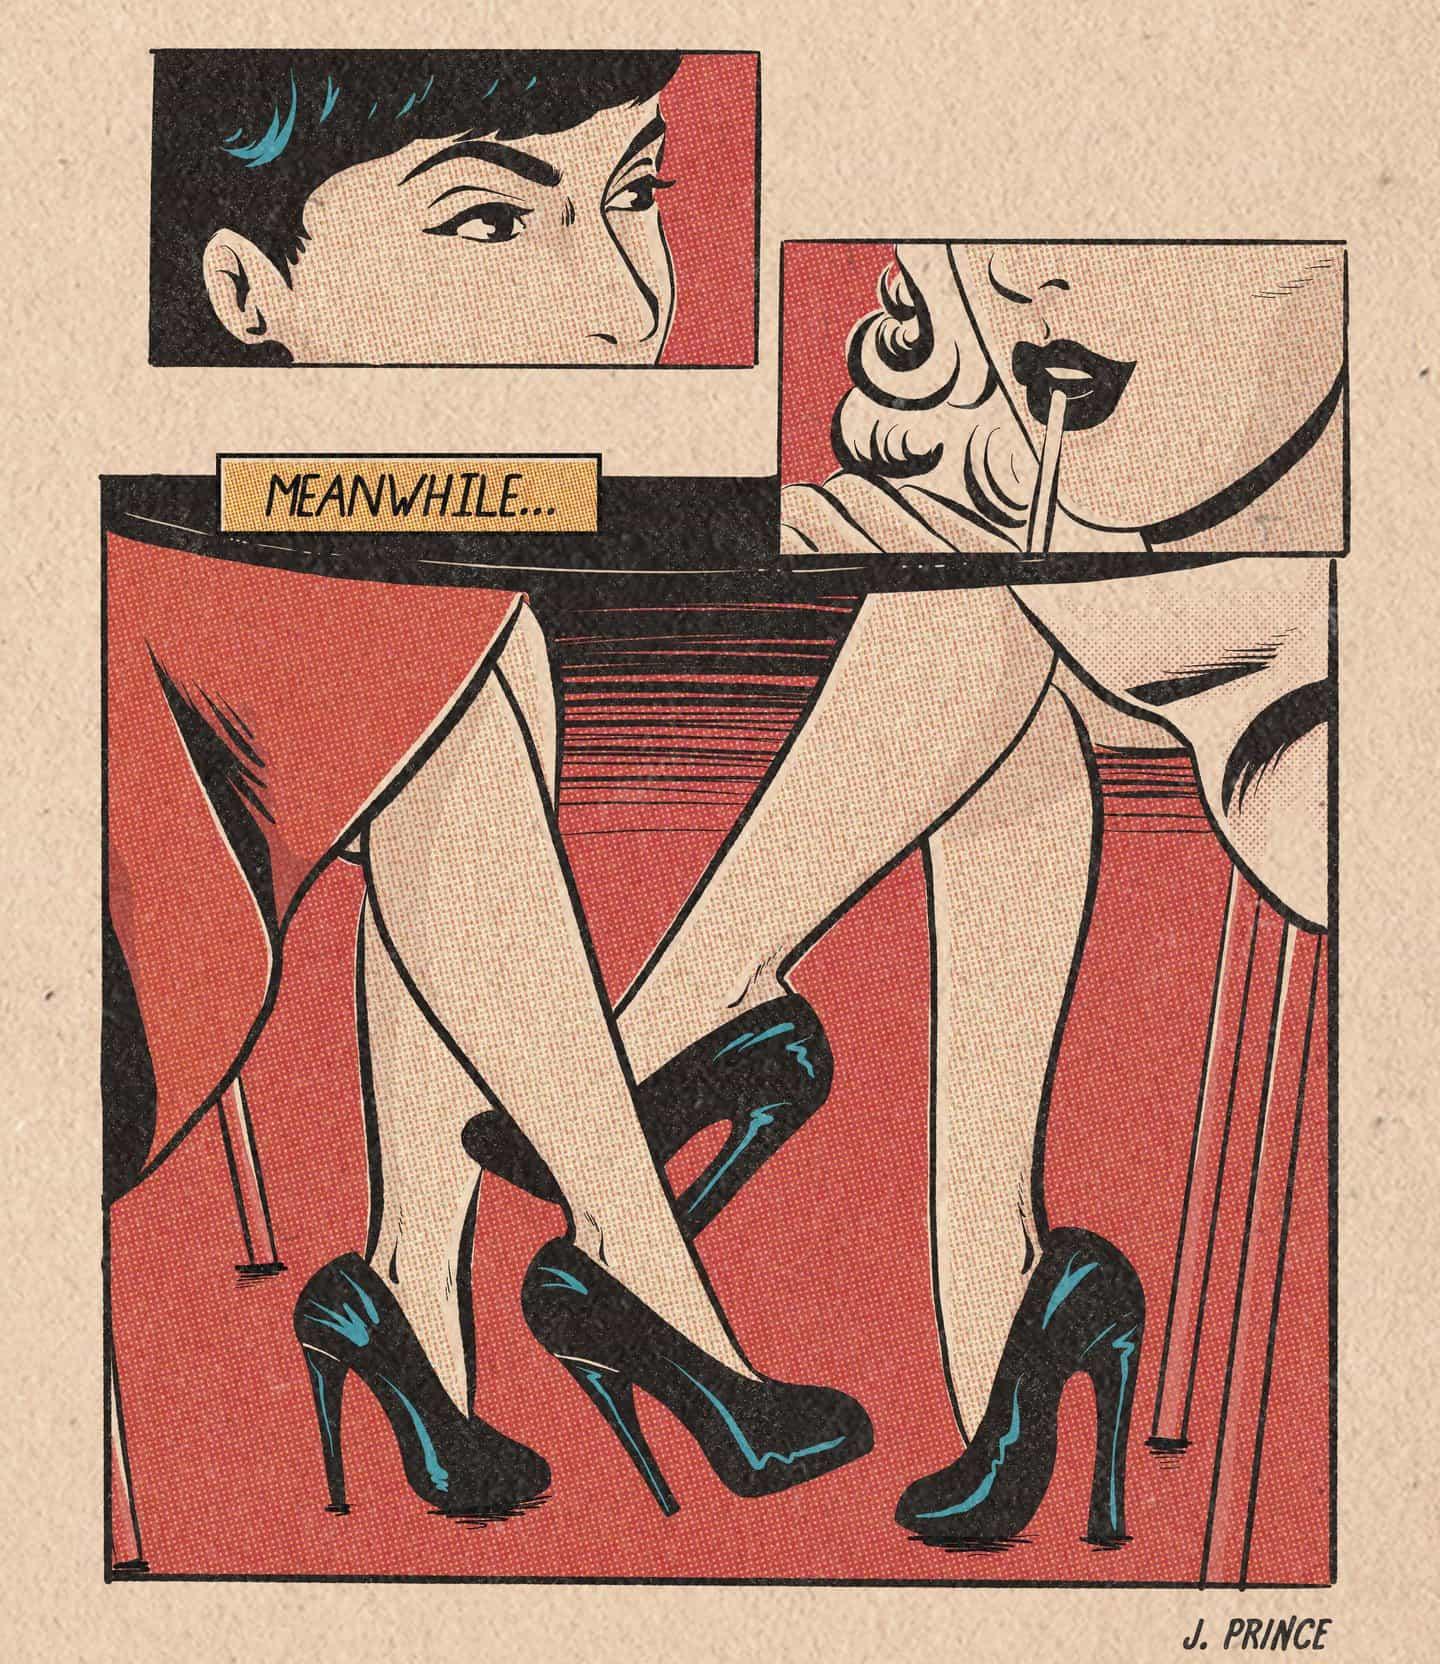 En sus ilustraciones, Jenifer Prince recrea cómics pulp vintage como historias de amor zafiro